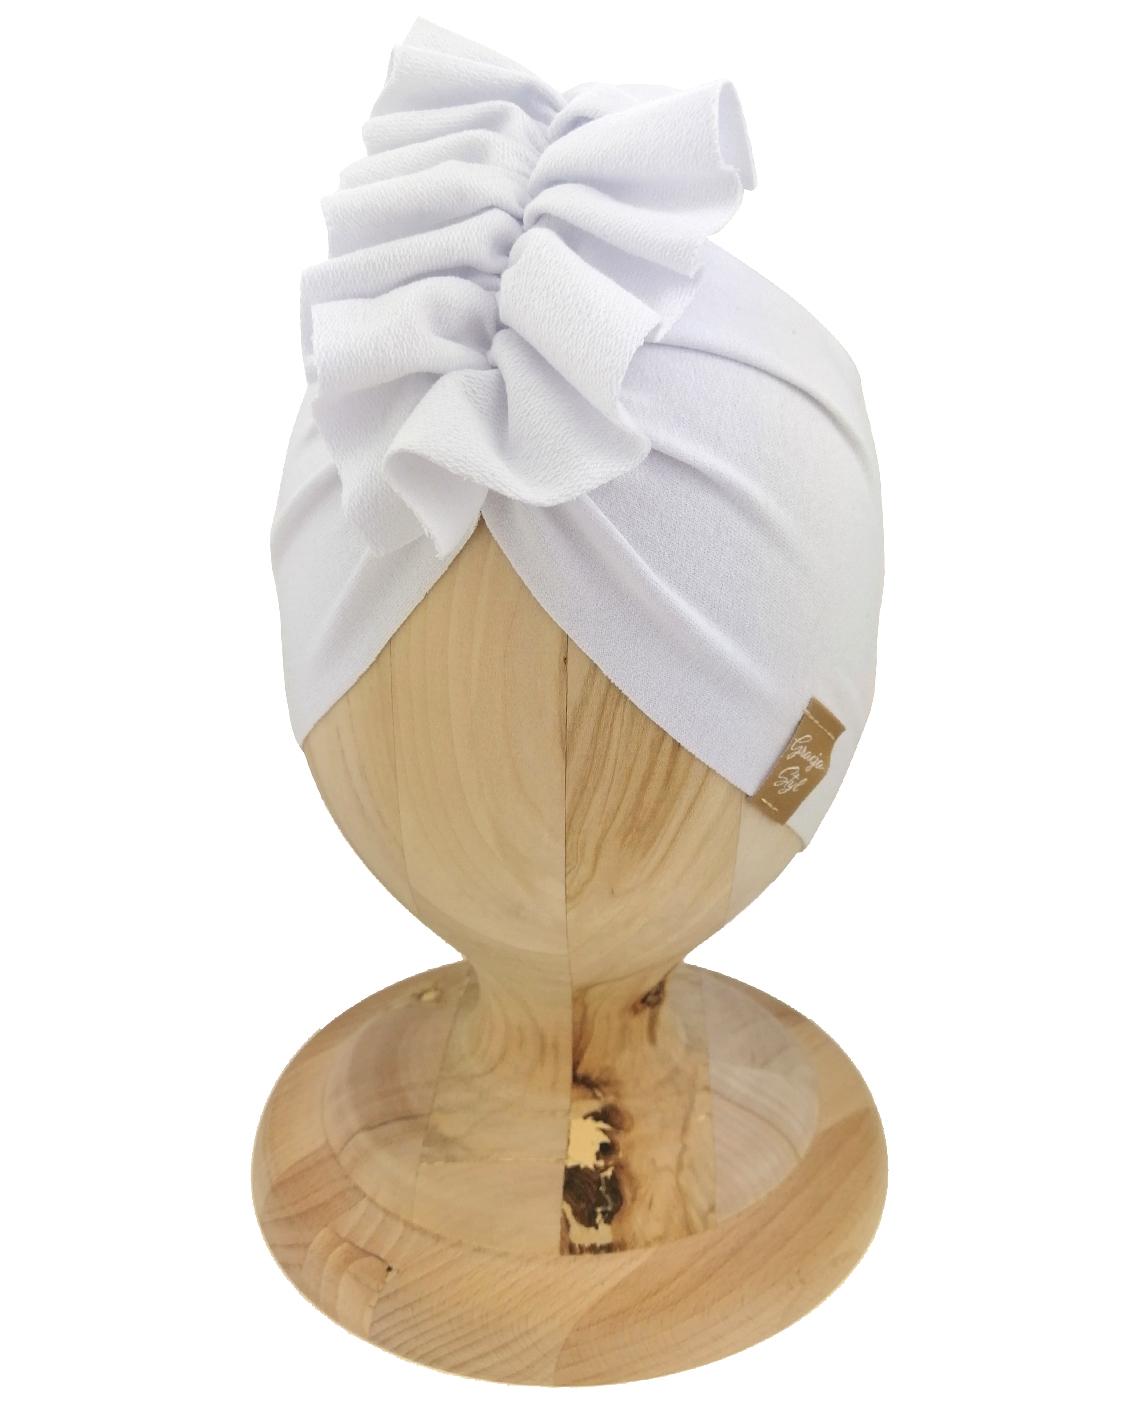 Czapka turban dziecięca marki Gracja styl. Kolor biały. Produkt polski wykonany z bawełny pętelkowej typu dresówka.